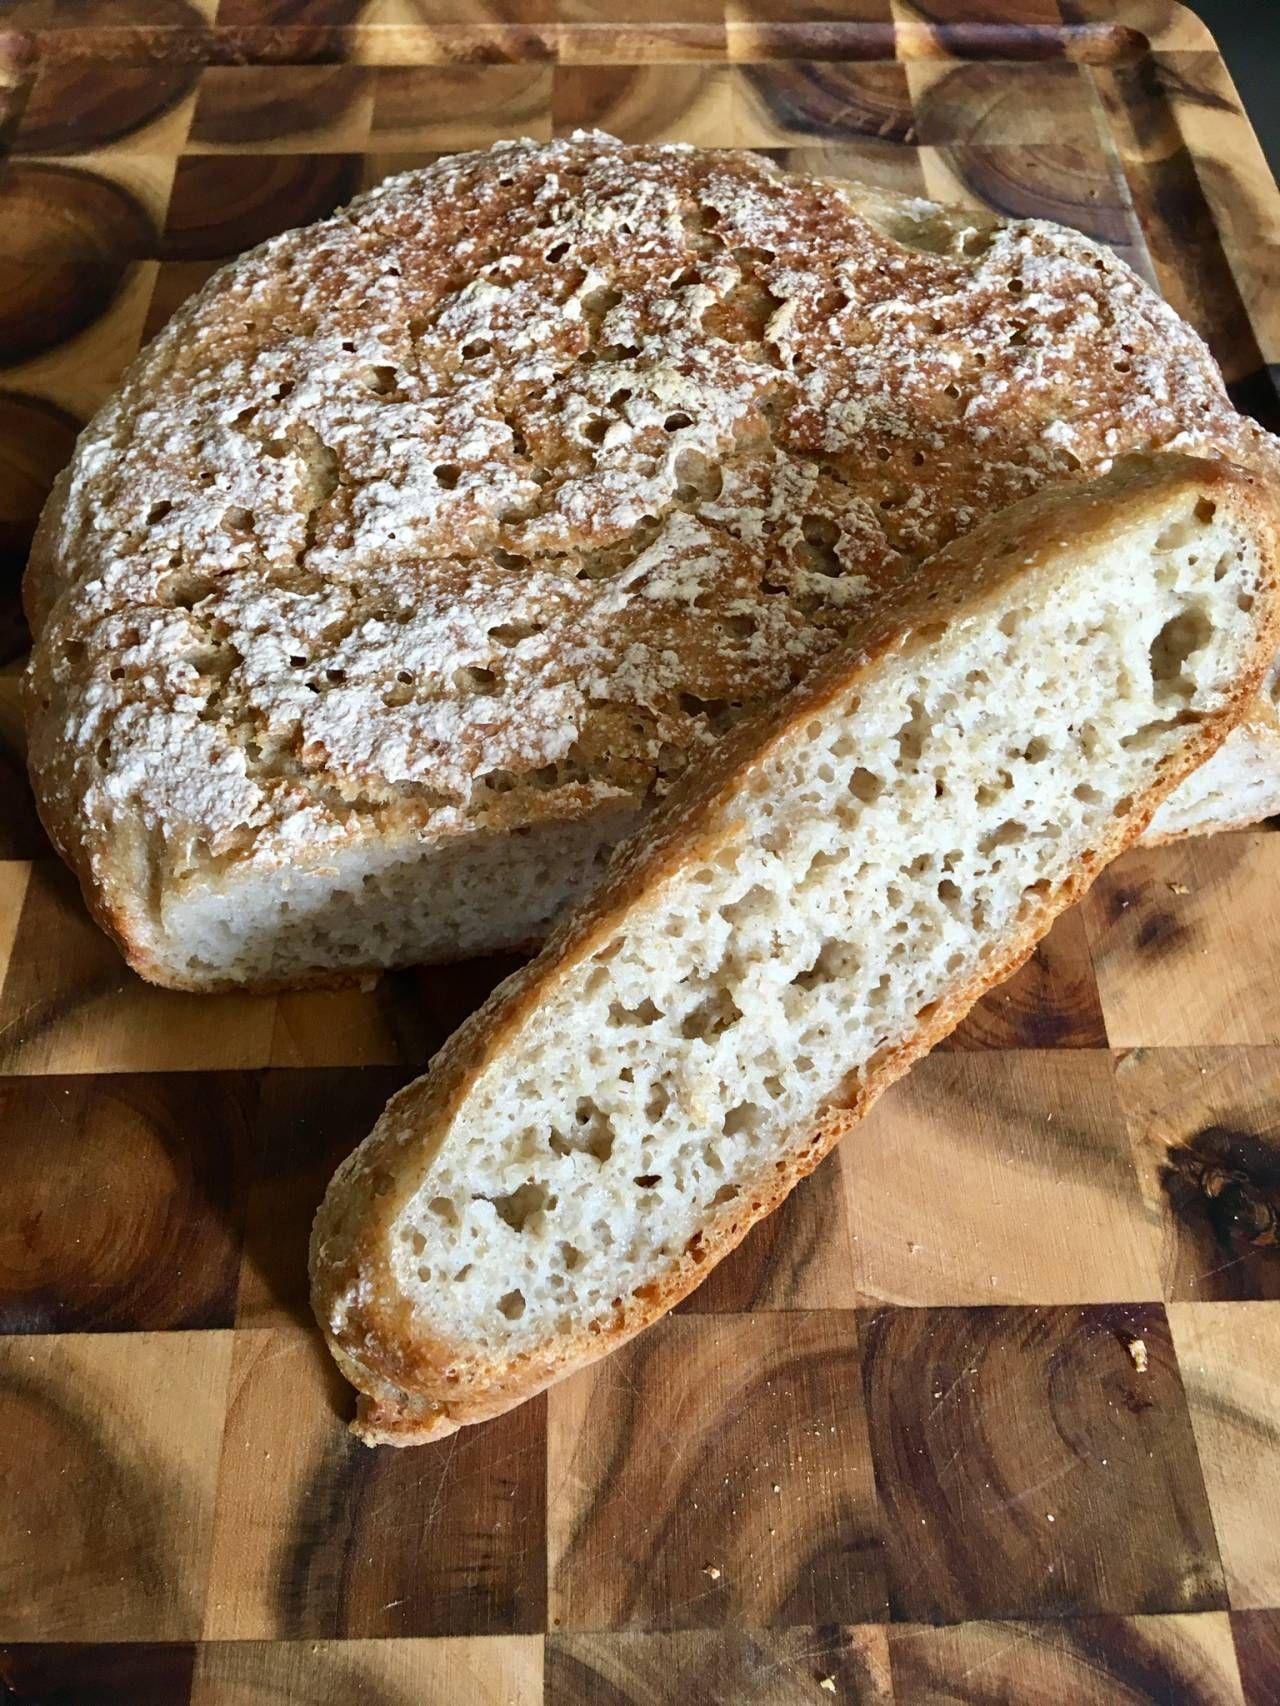 Gluten Free No Knead Bread The World S Best Gluten Free Bread In A Dutch Oven Www Kvalifood Com Best Gluten Free Bread No Knead Bread Gluten Free Bread